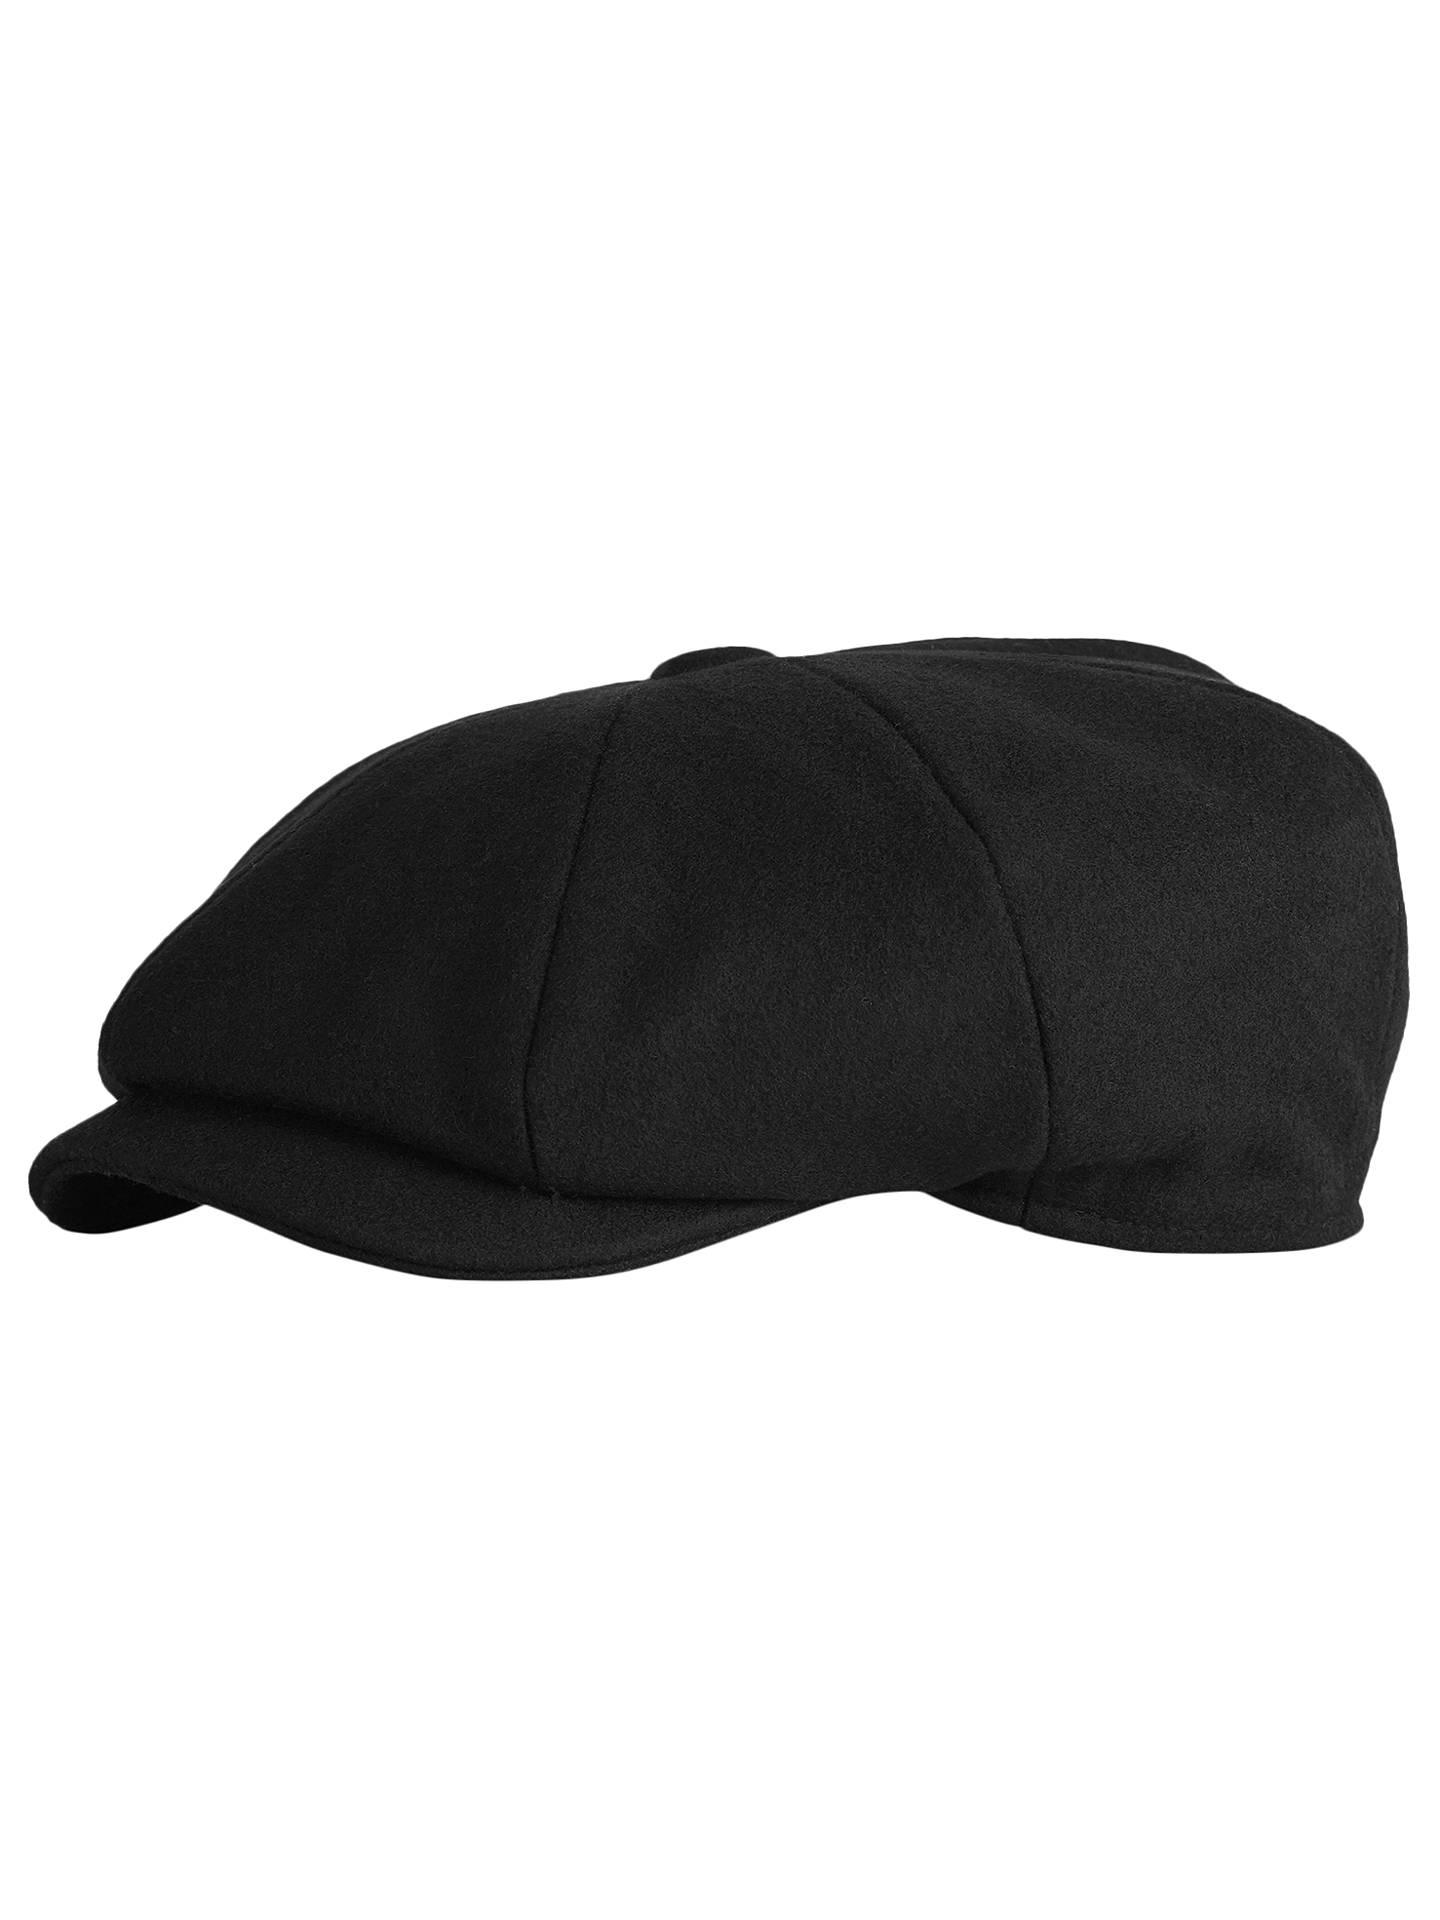 99e5f3f9465bb Buy Reiss Shelby Baker Boy Cap